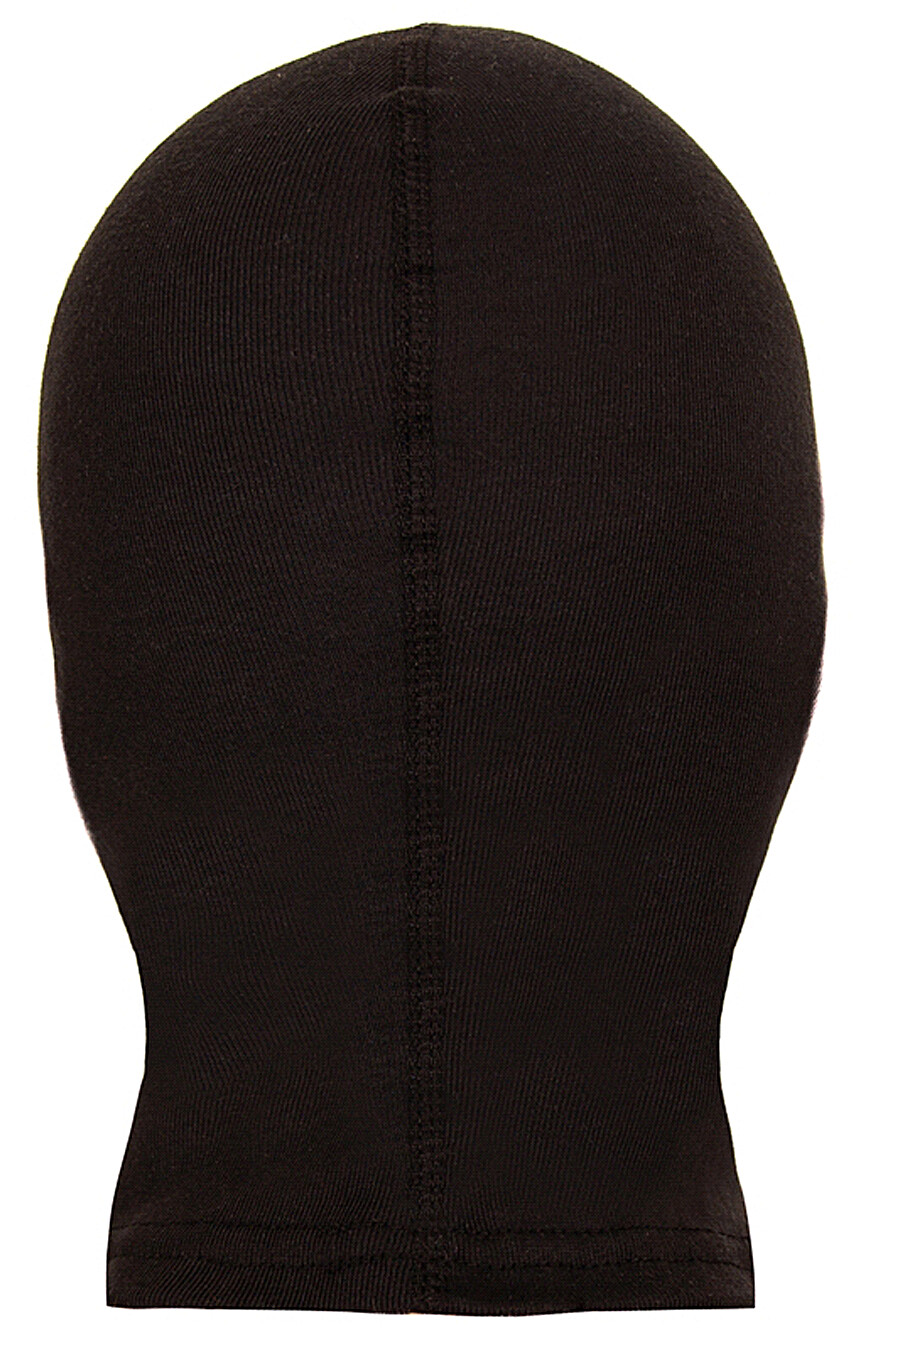 Балаклава  для мужчин АПРЕЛЬ 700634 купить оптом от производителя. Совместная покупка мужской одежды в OptMoyo